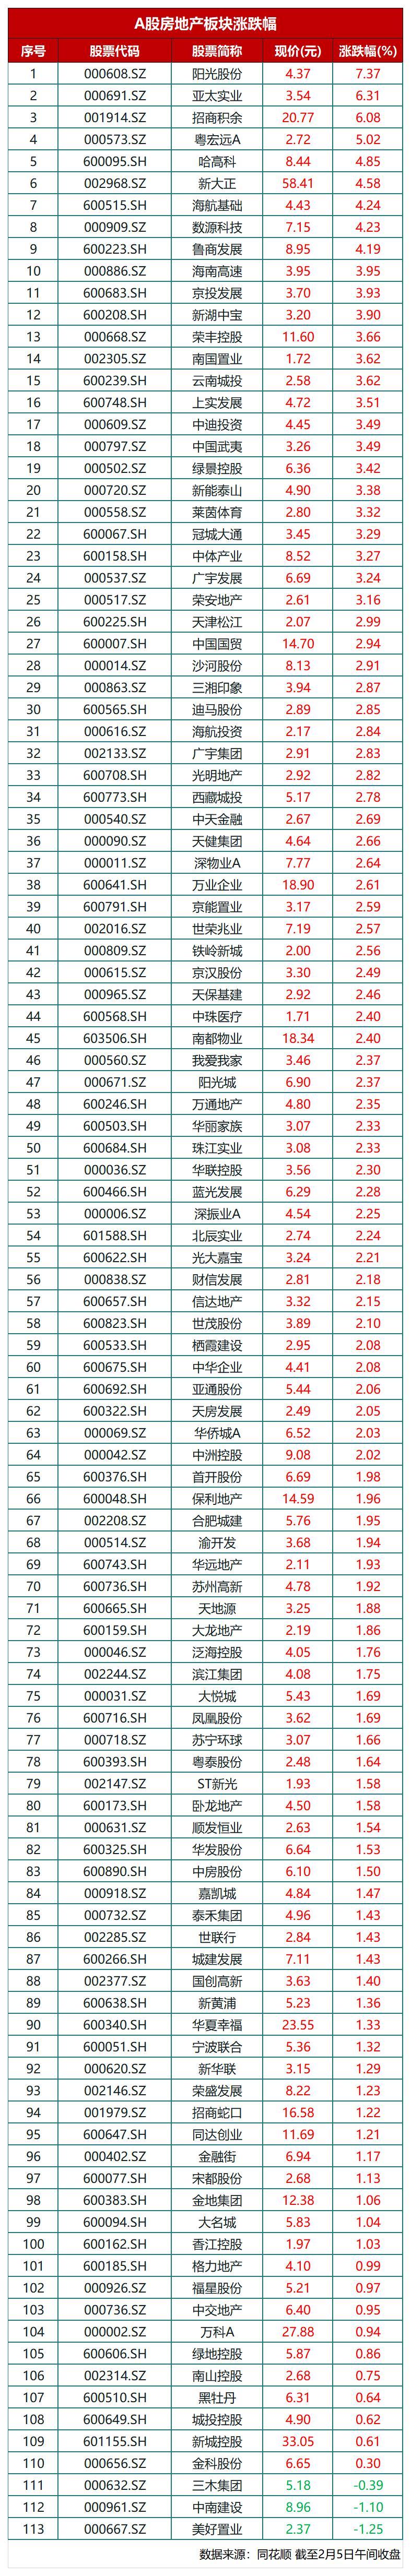 快讯丨午间收盘地产板块飘红 阳光股份涨幅最高达7.37%